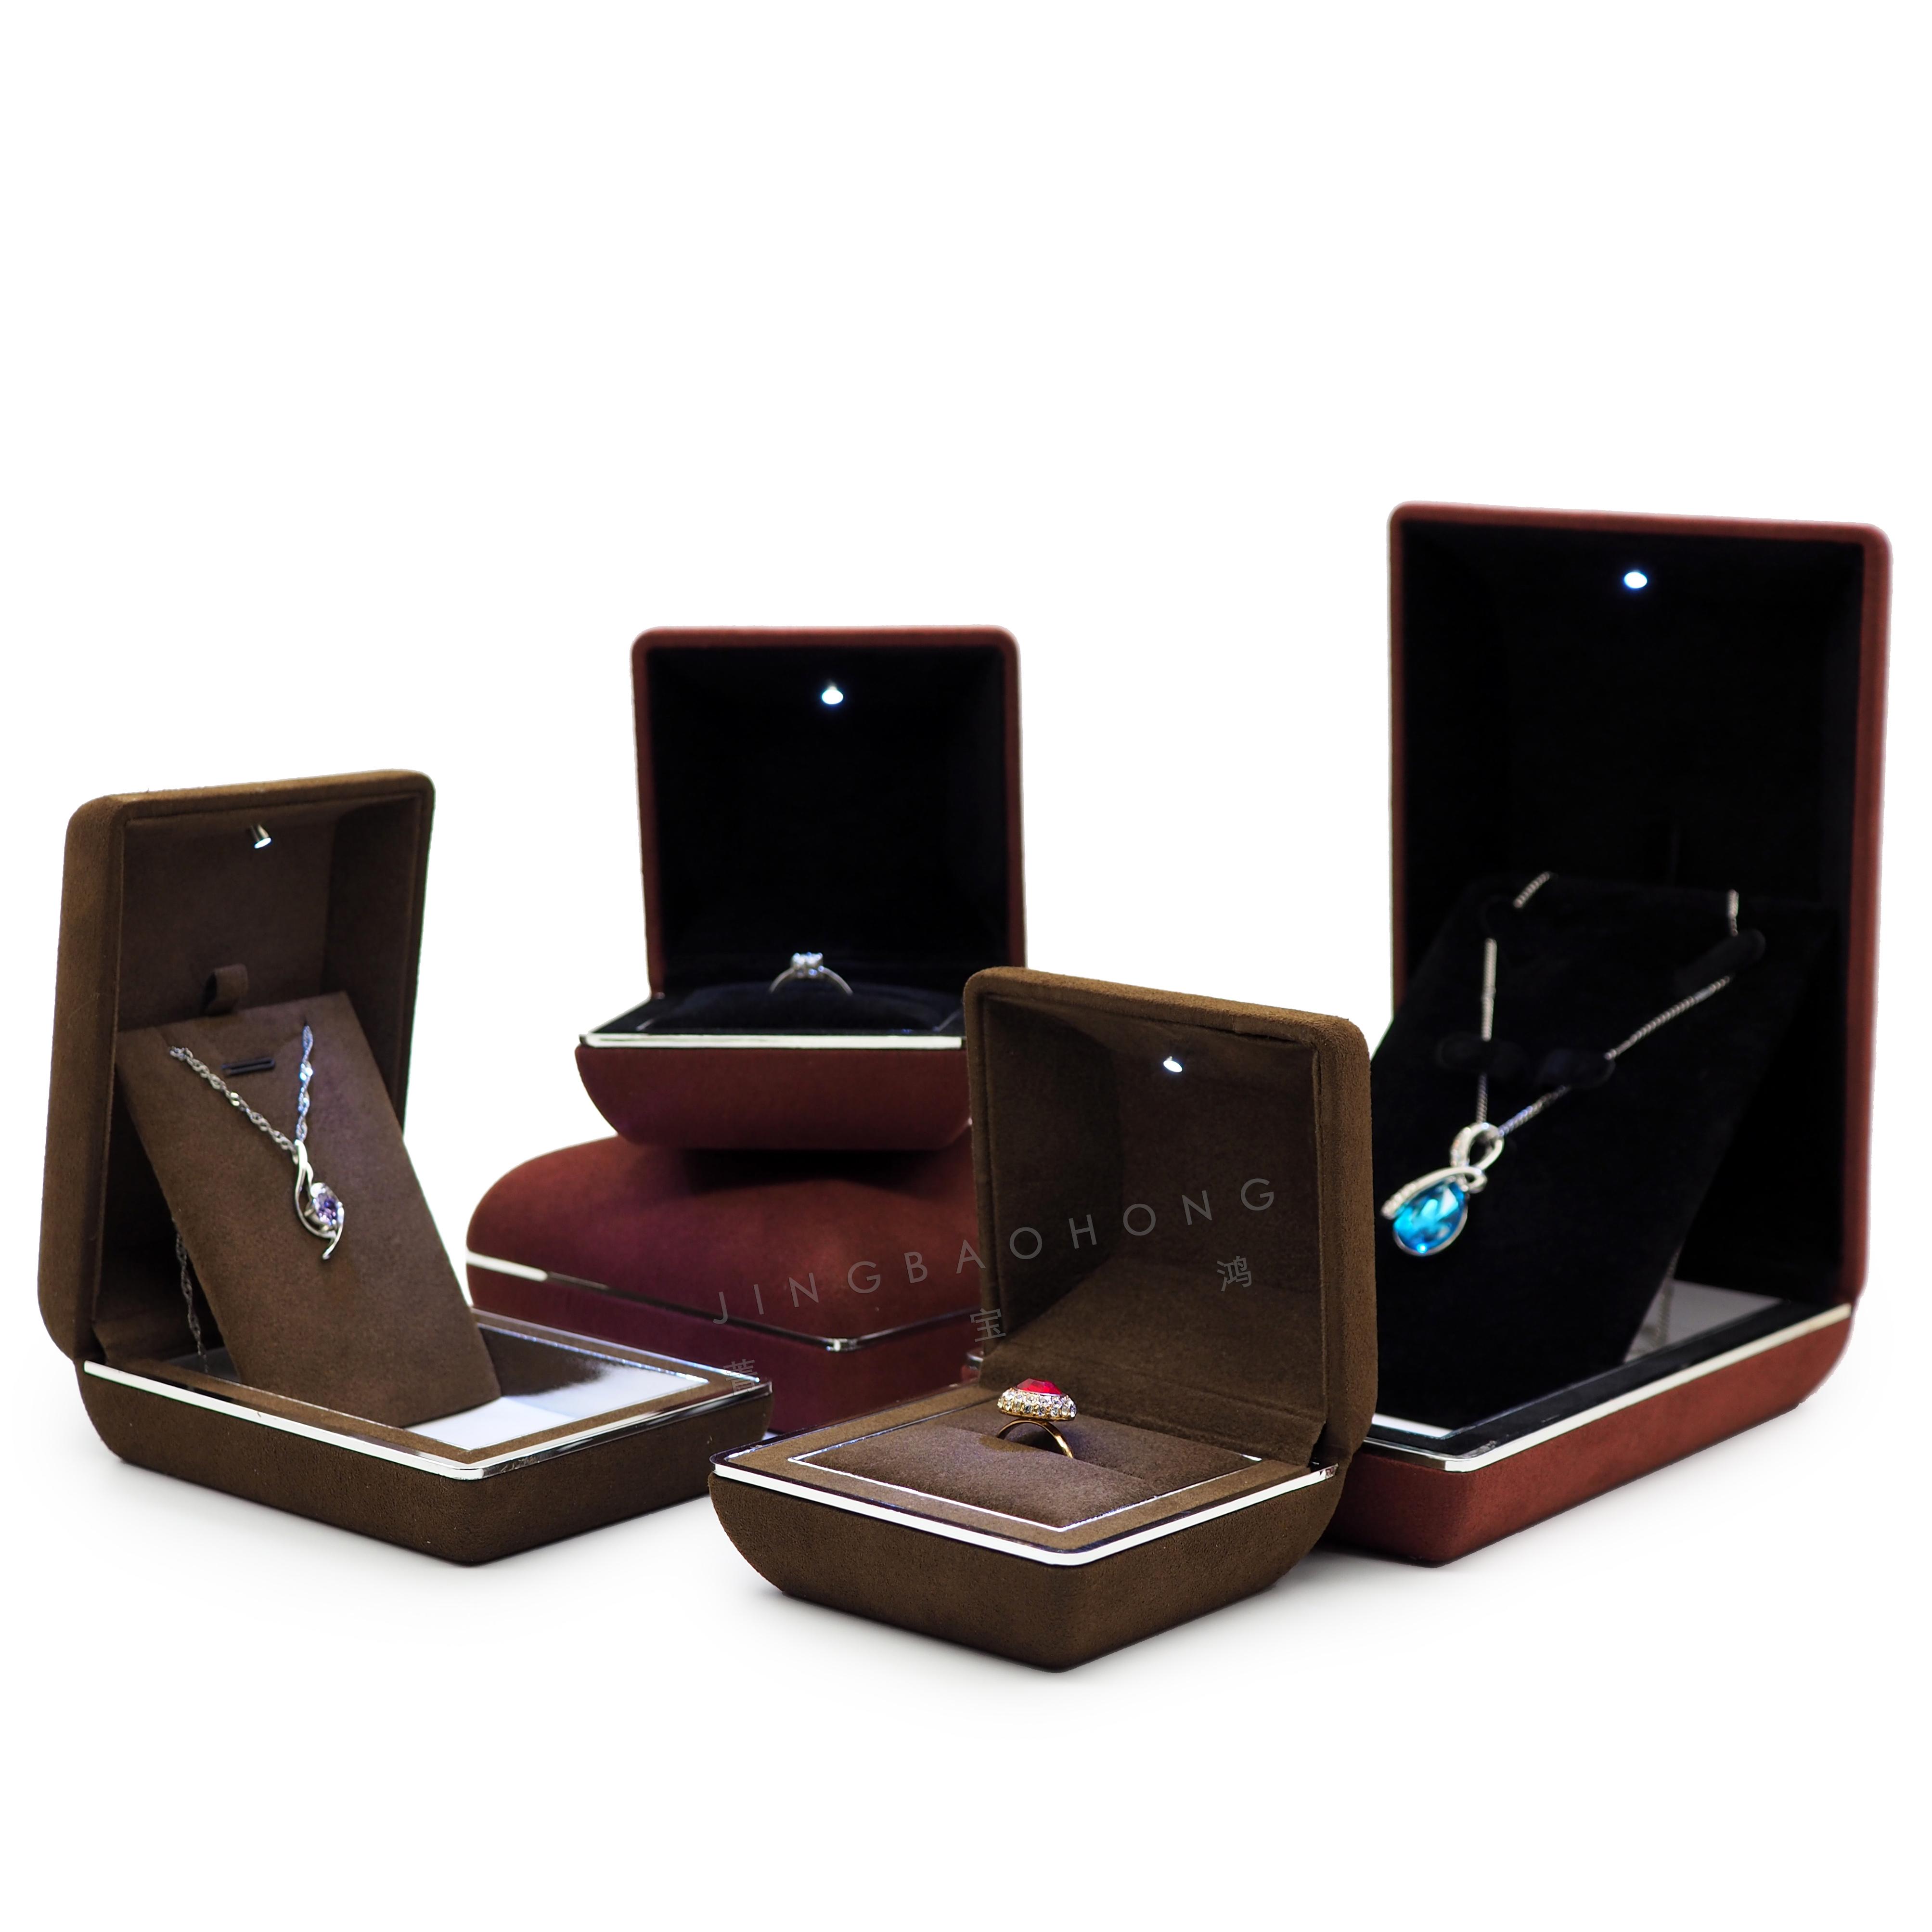 Коробка для хранения ювелирных изделий с кольцом, упаковка с логотипом на заказ, коробка для браслетов и чехол для ювелирных изделий